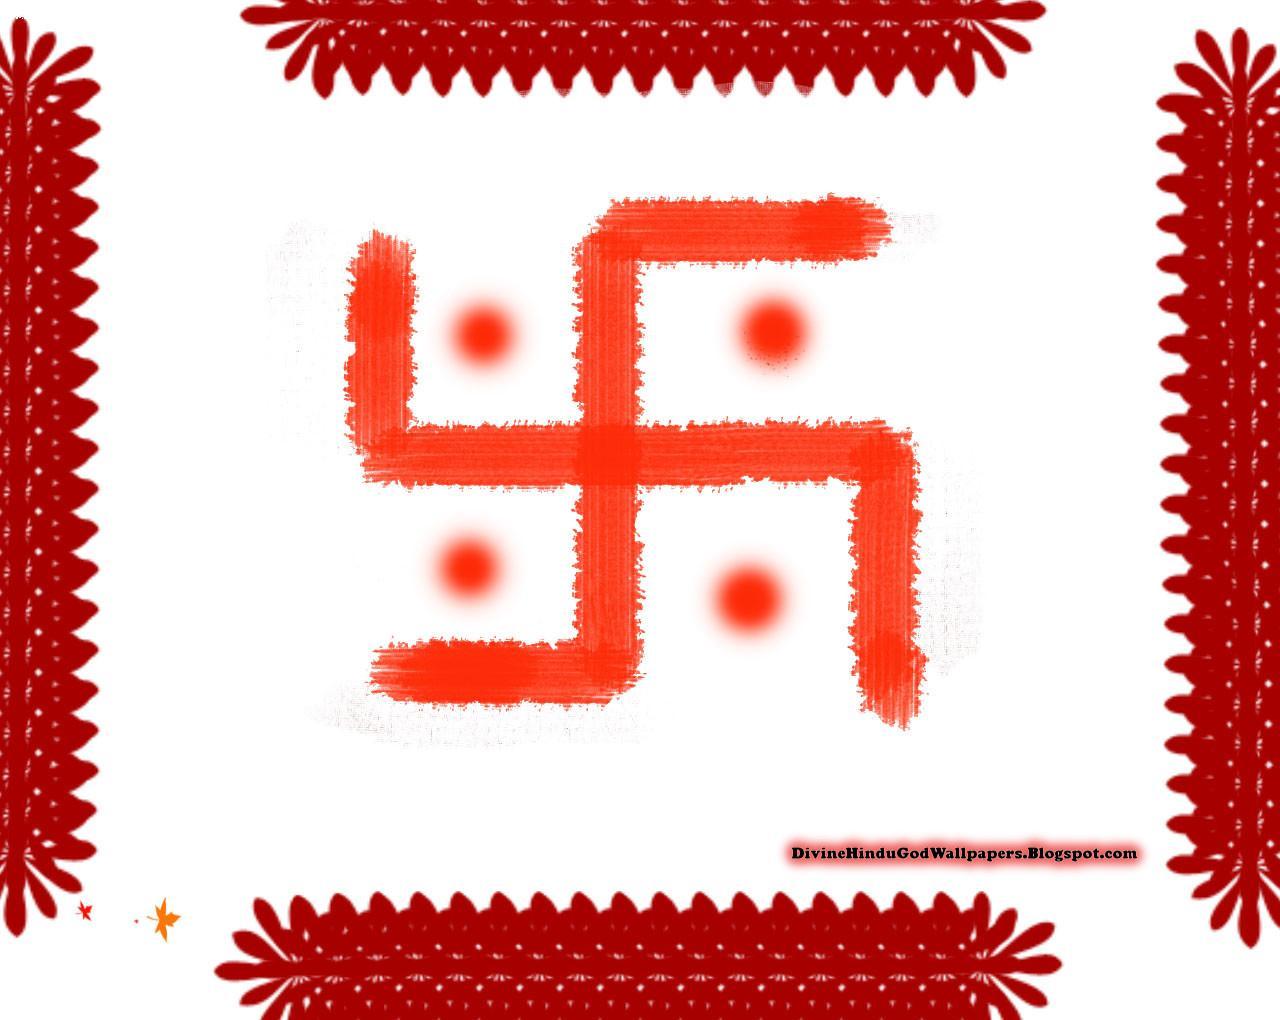 http://4.bp.blogspot.com/-xz6gTthnePA/UGrYEeycEFI/AAAAAAAACRQ/YiyN2KXFEvs/s1600/Swastik+Background3.jpg